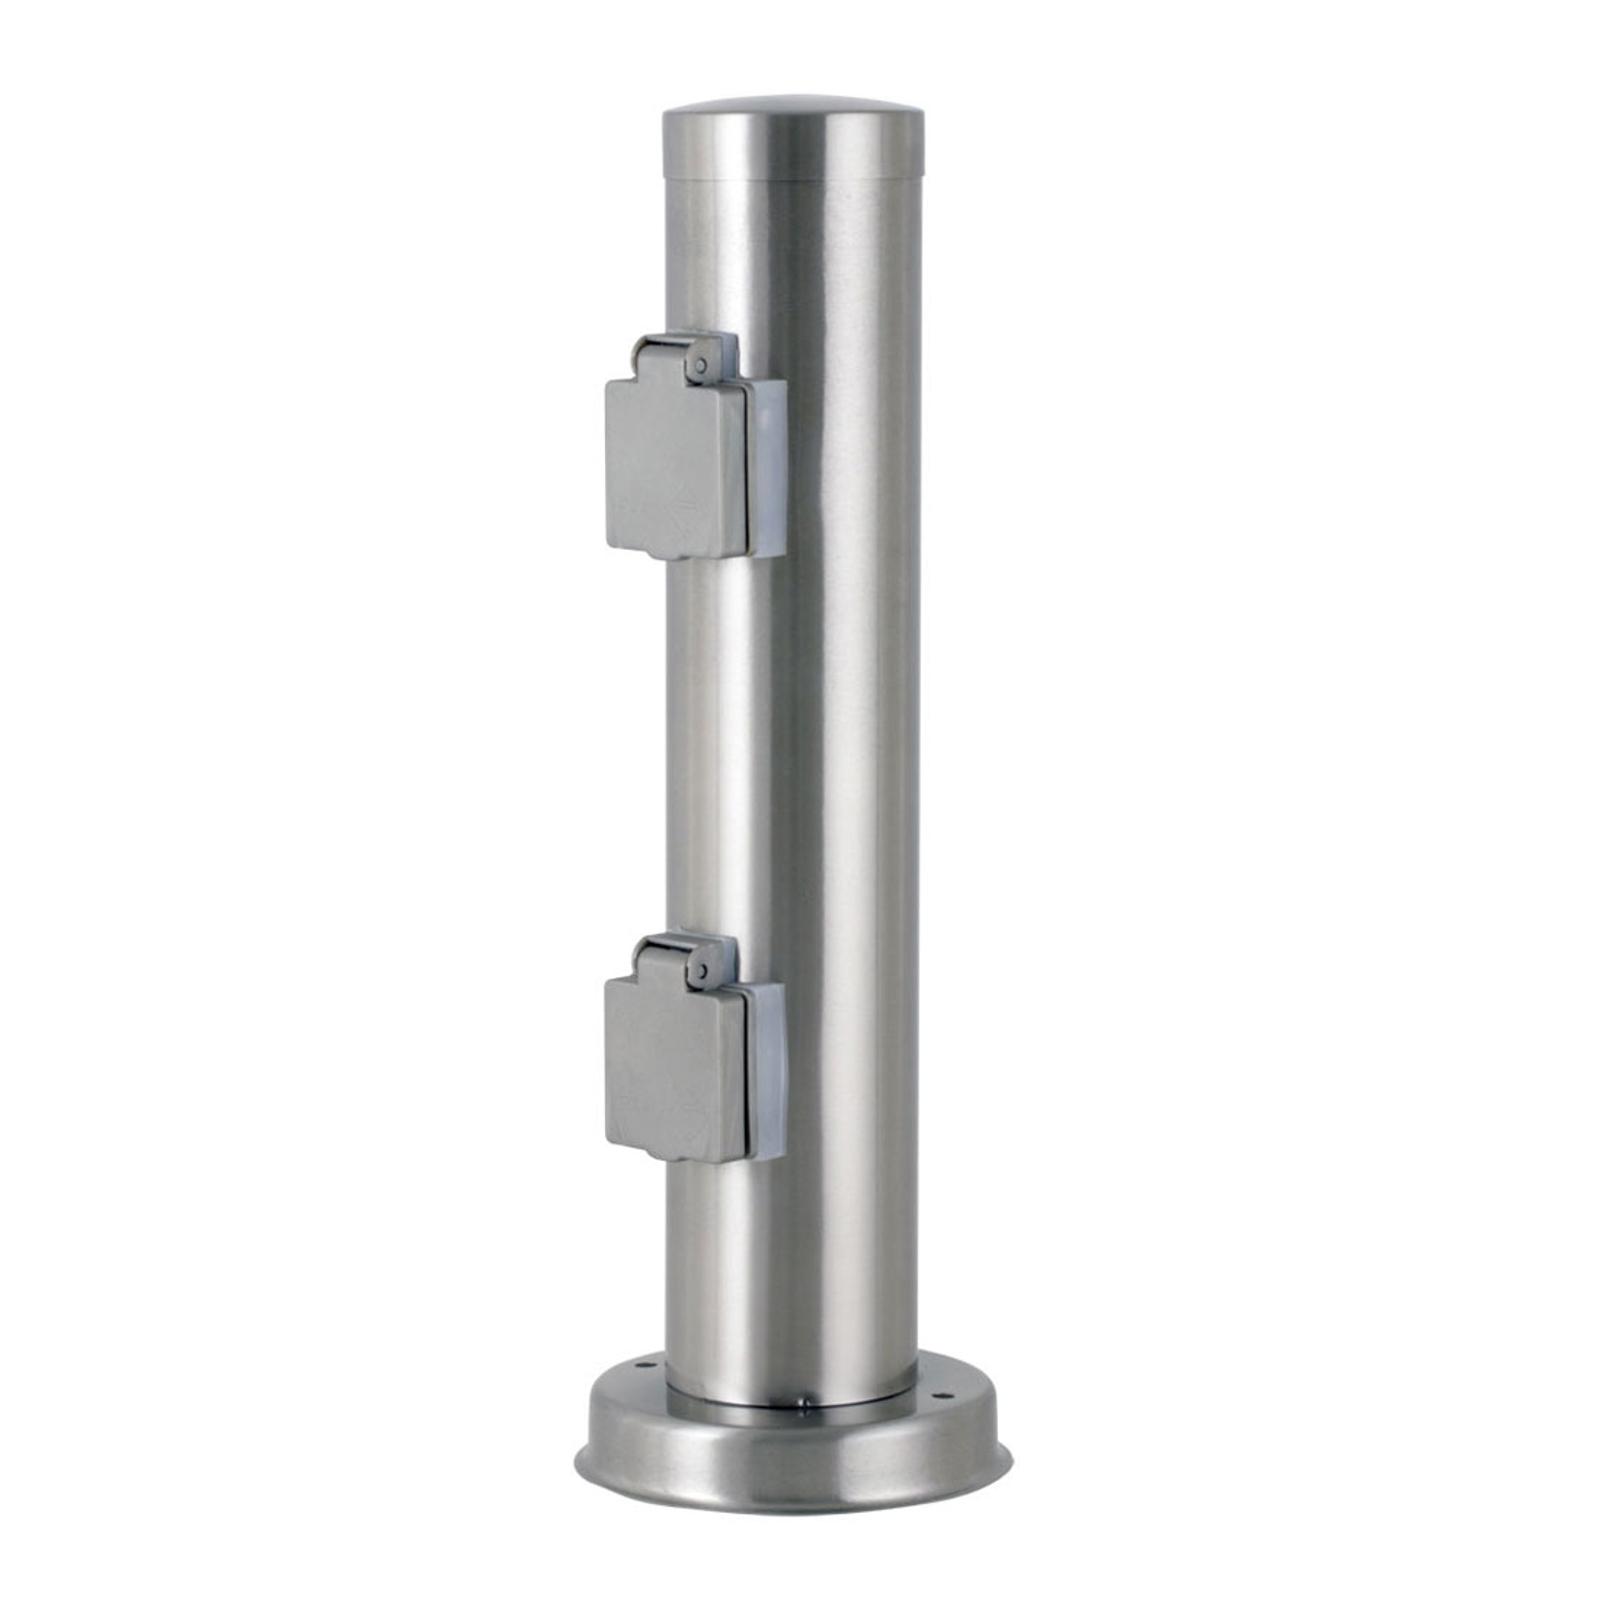 Eluttagspelare 71289934 rostfritt stål, 2 eluttag